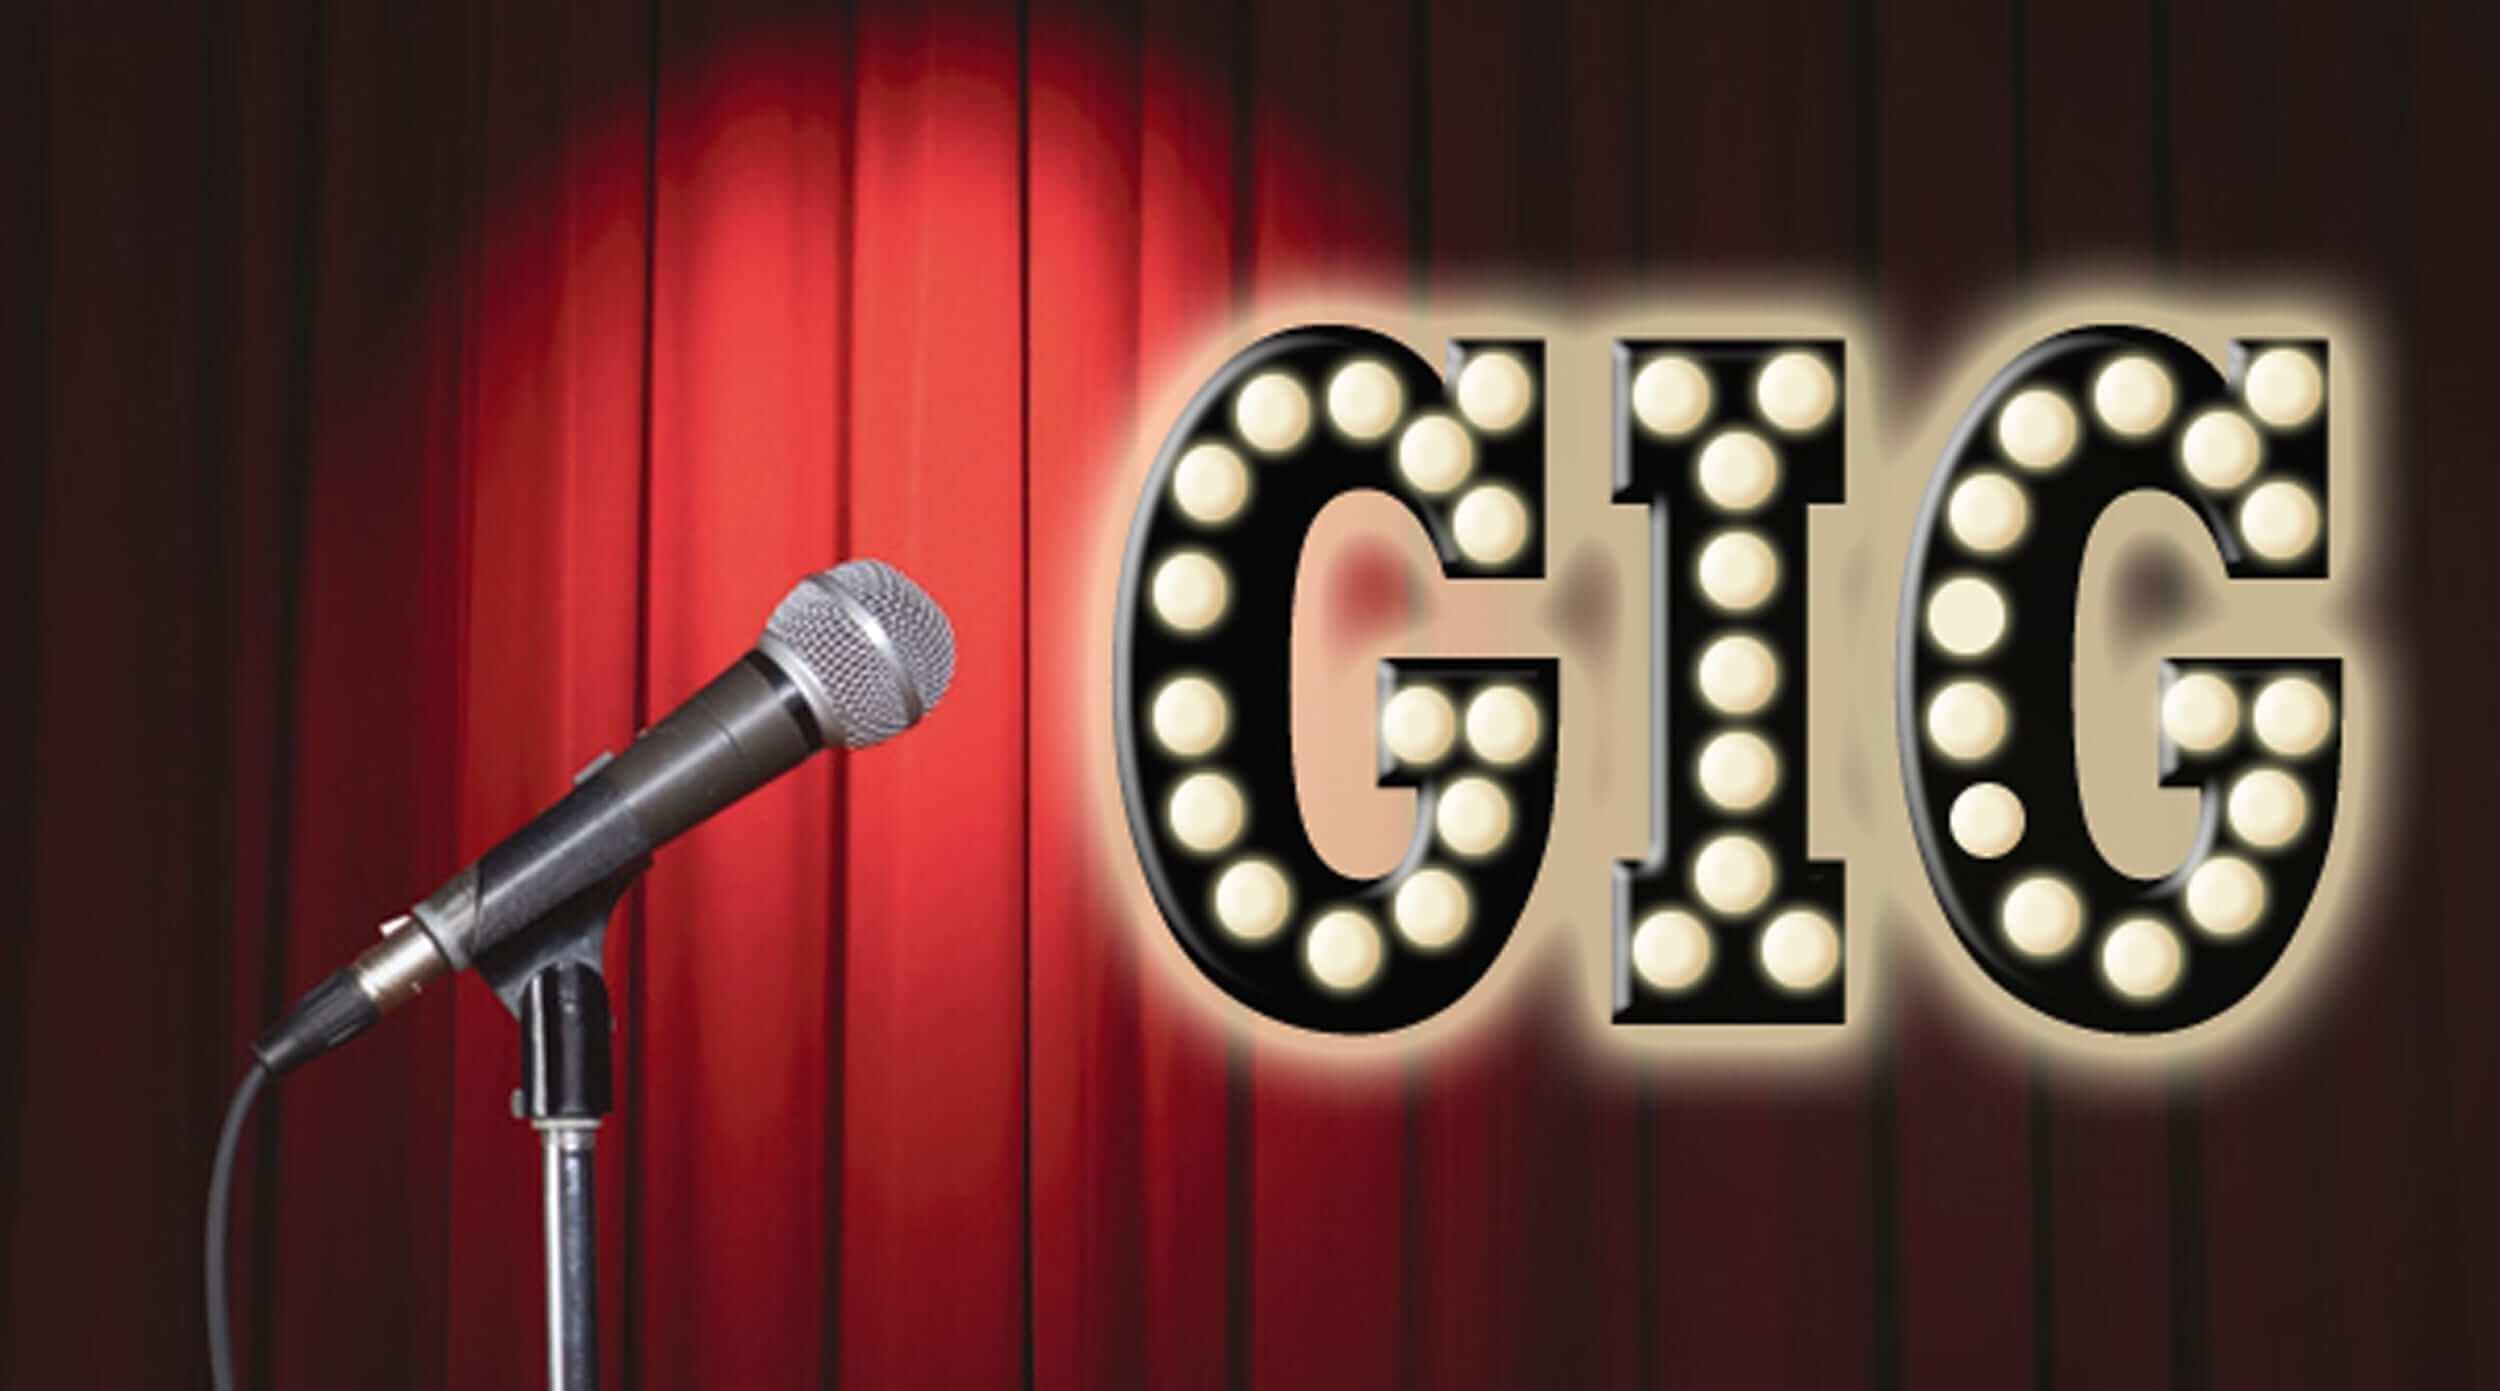 GIG ar TG4